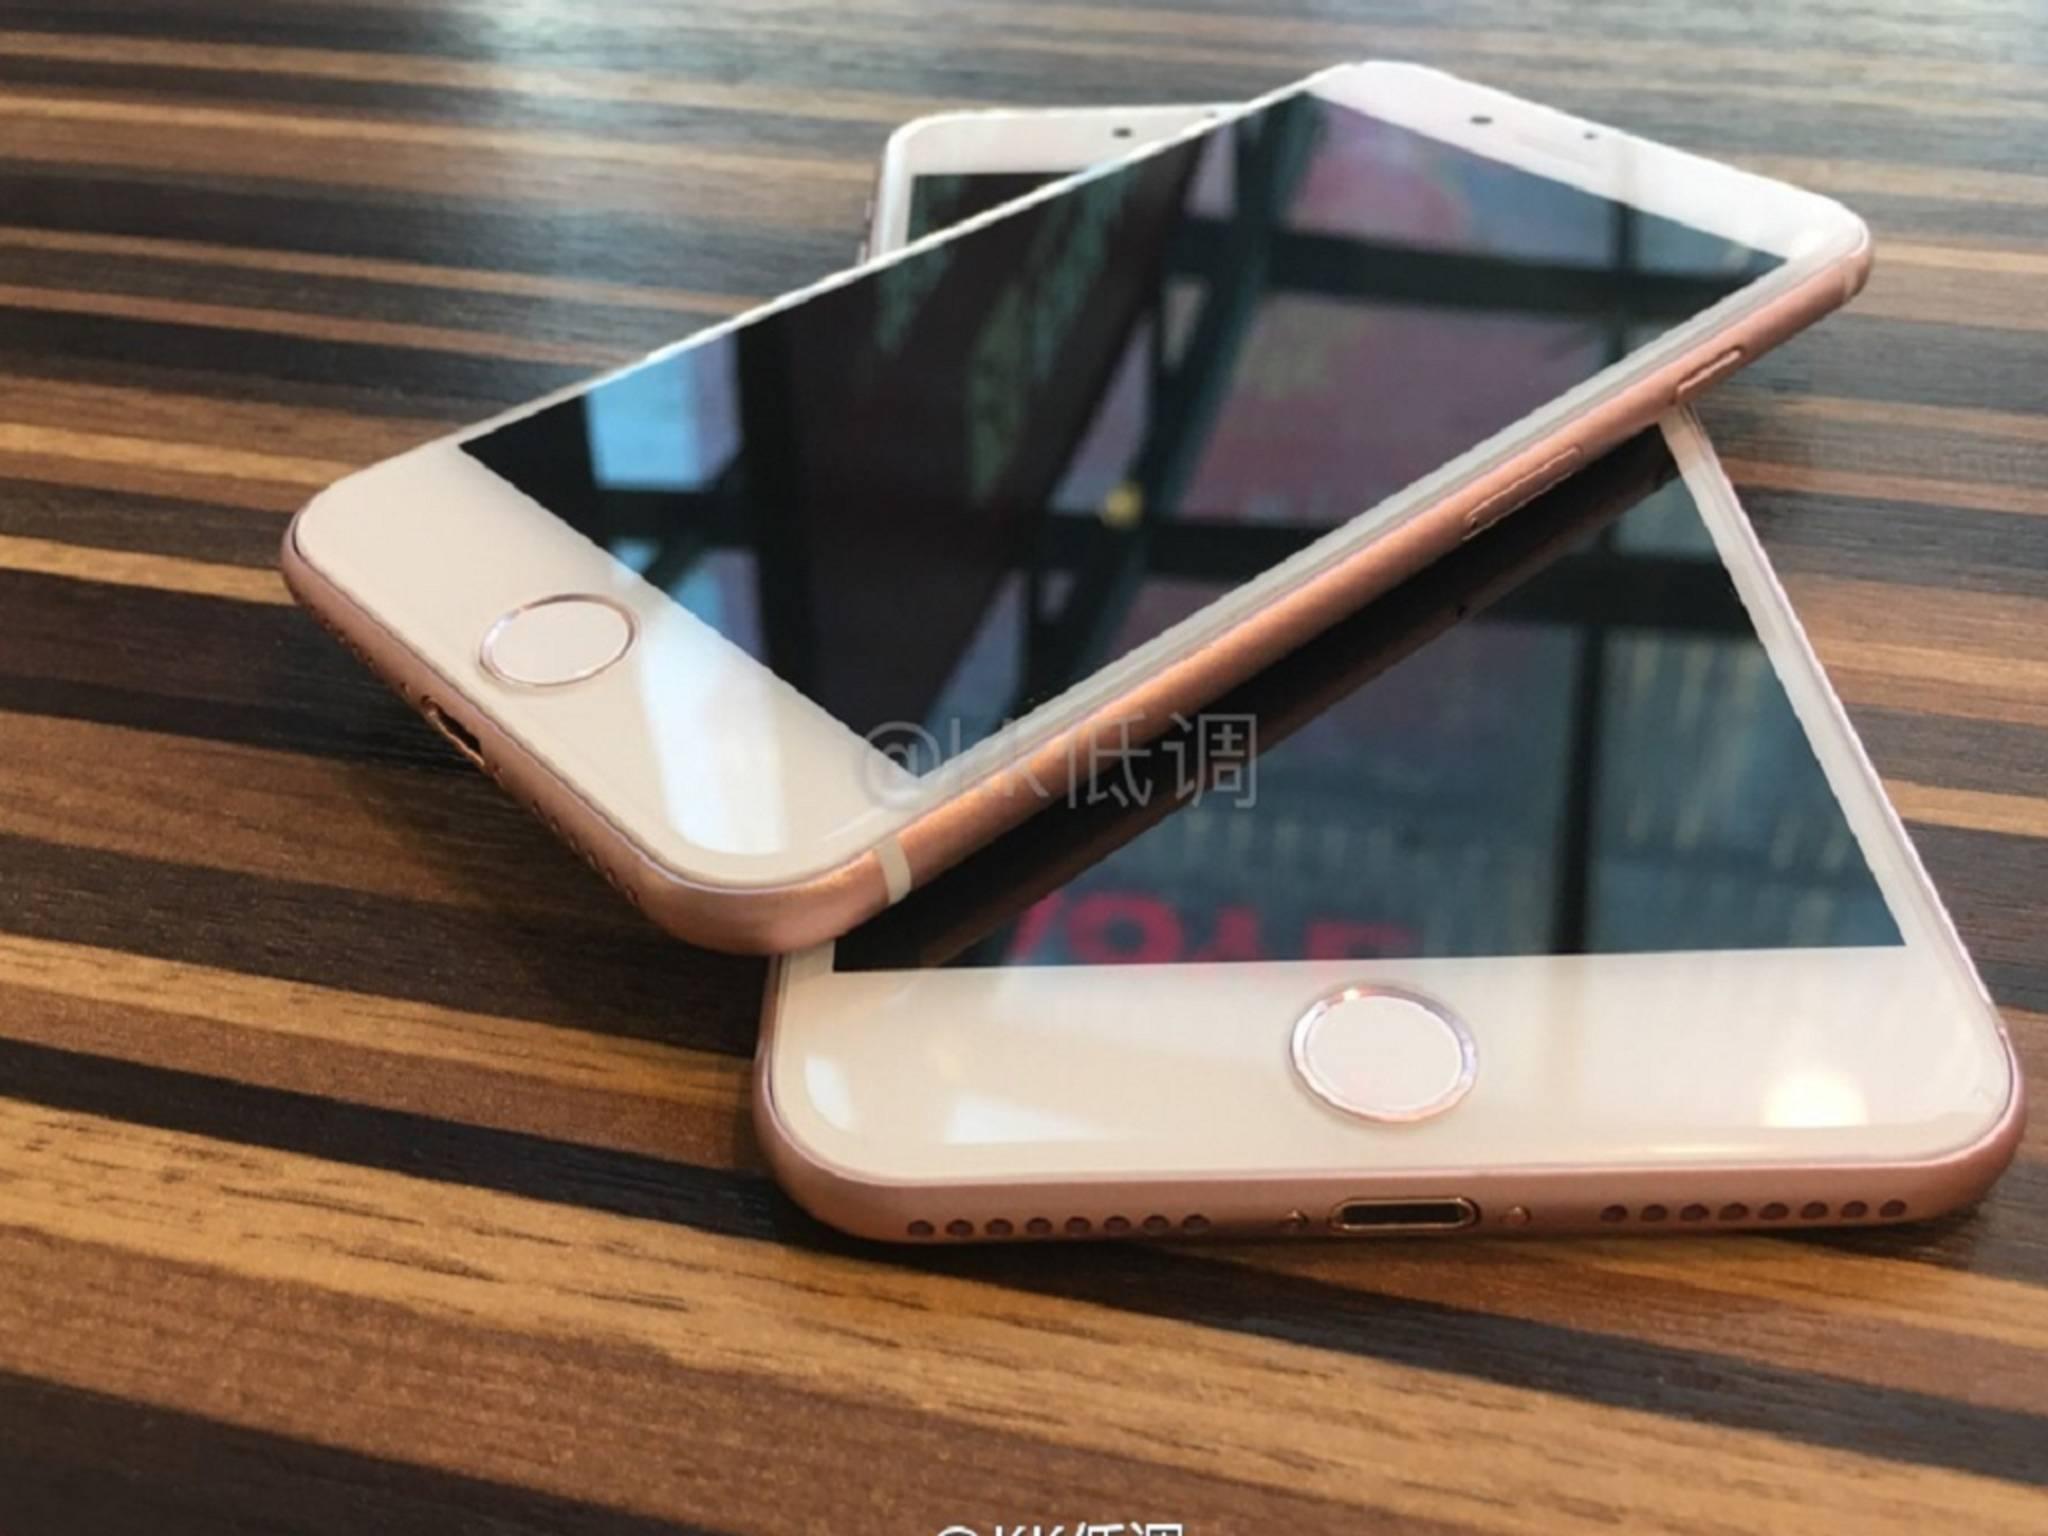 Vom iPhone 7 kursieren bereits unzählige Leak-Fotos im Netz.